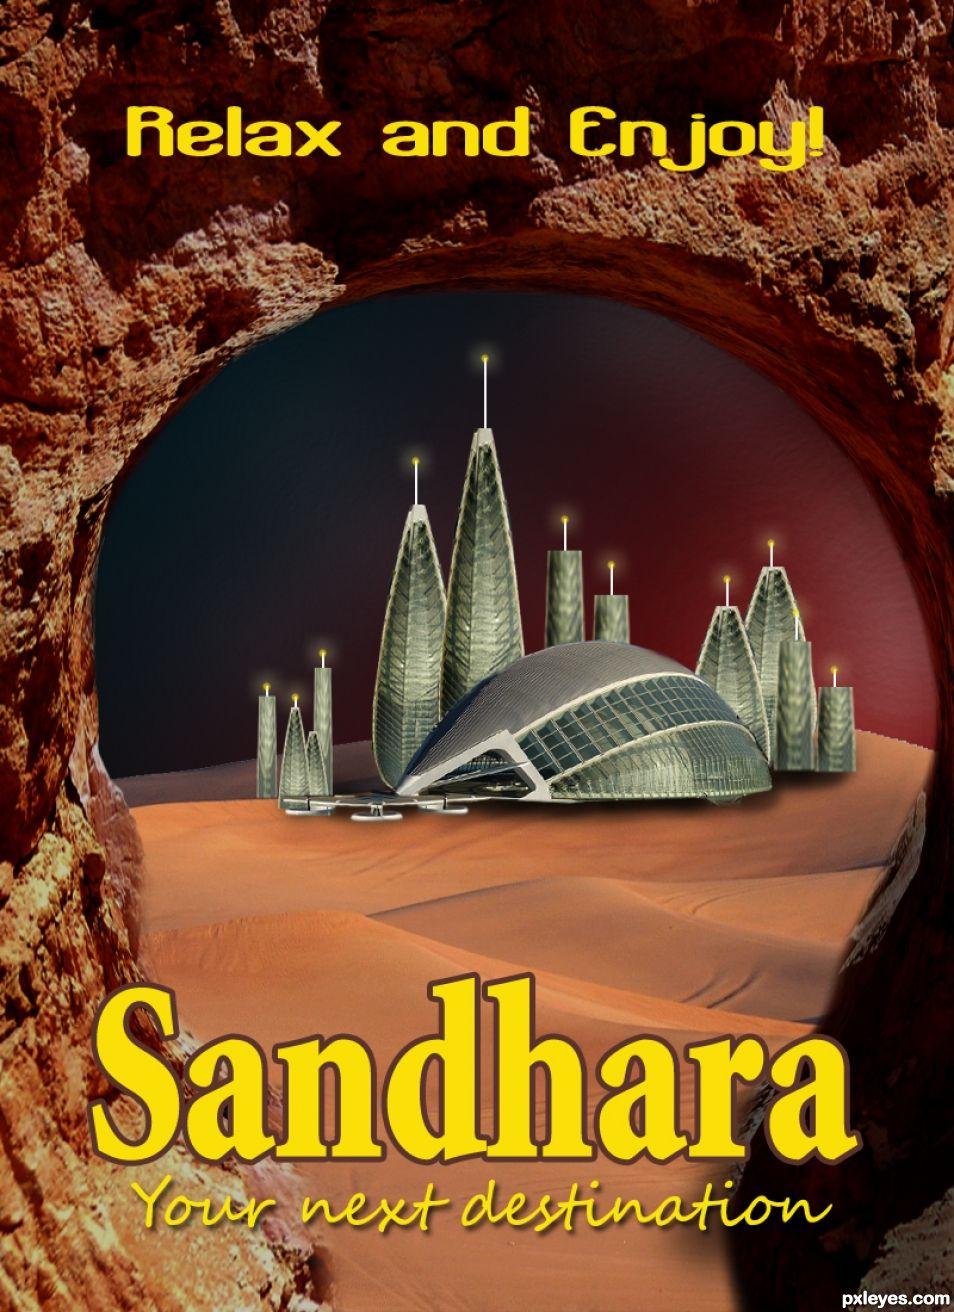 Sandhara